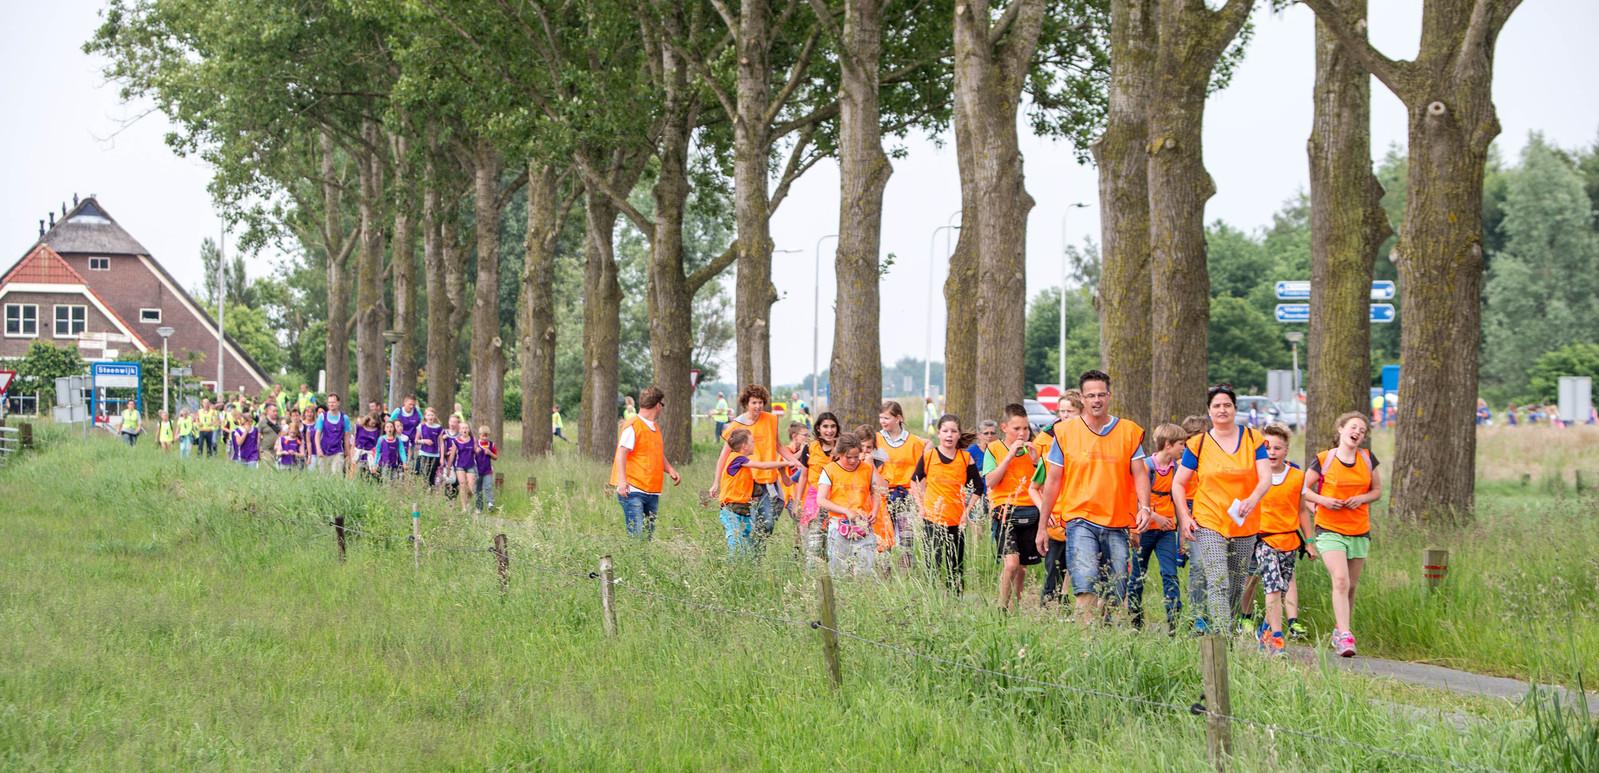 Deelname aan de vierdaagse is vooral populair bij jeugd van de basisschool. Voor de tweede keer op rij gaat de Avondvierdaagse in Steenwijk niet door.